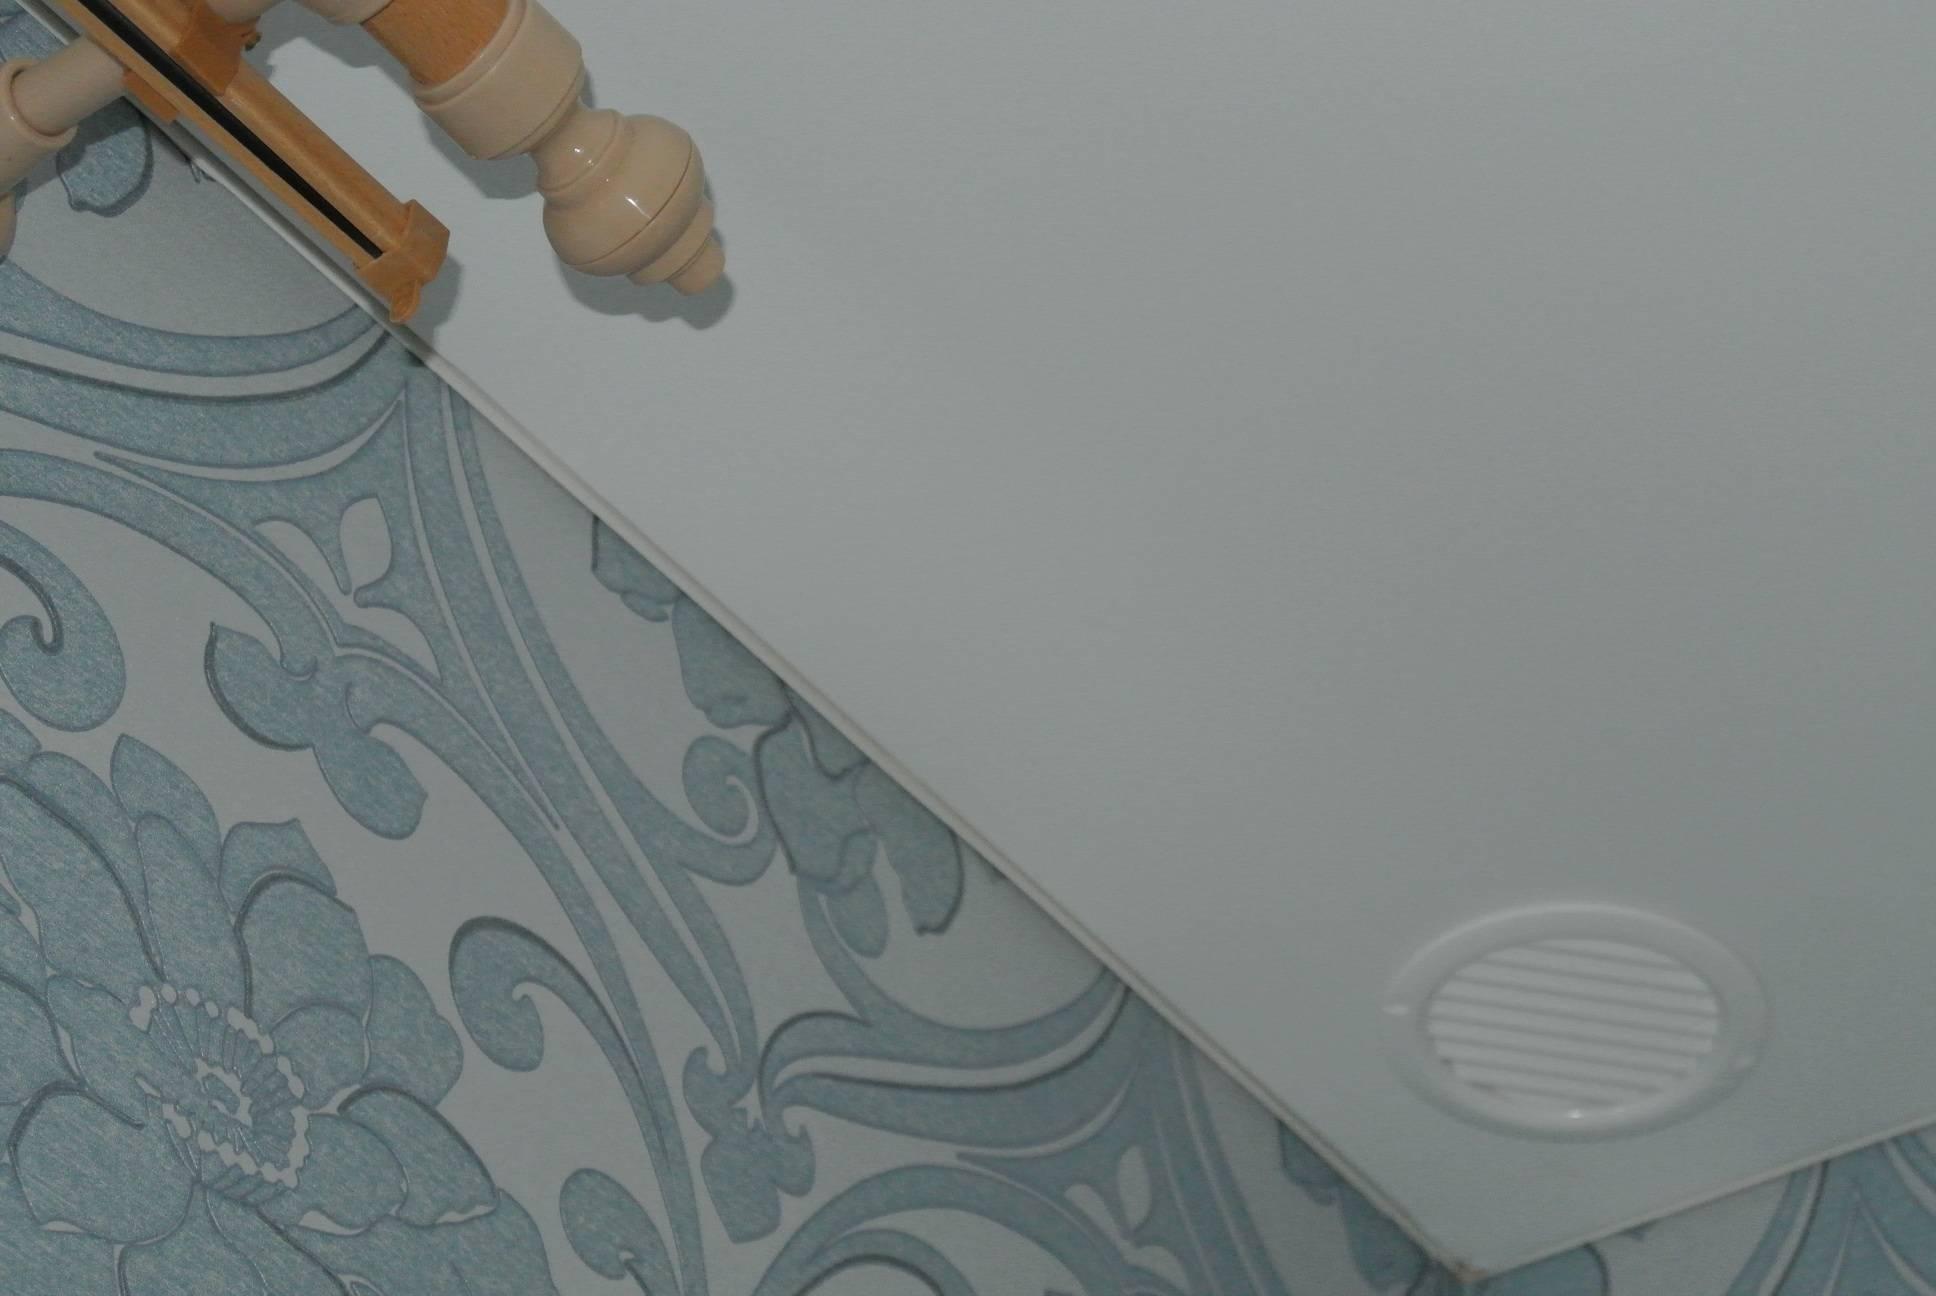 Вентиляция в натяжном потолке на кухне: вытяжка в навесном в ванной и проходка, как сделать